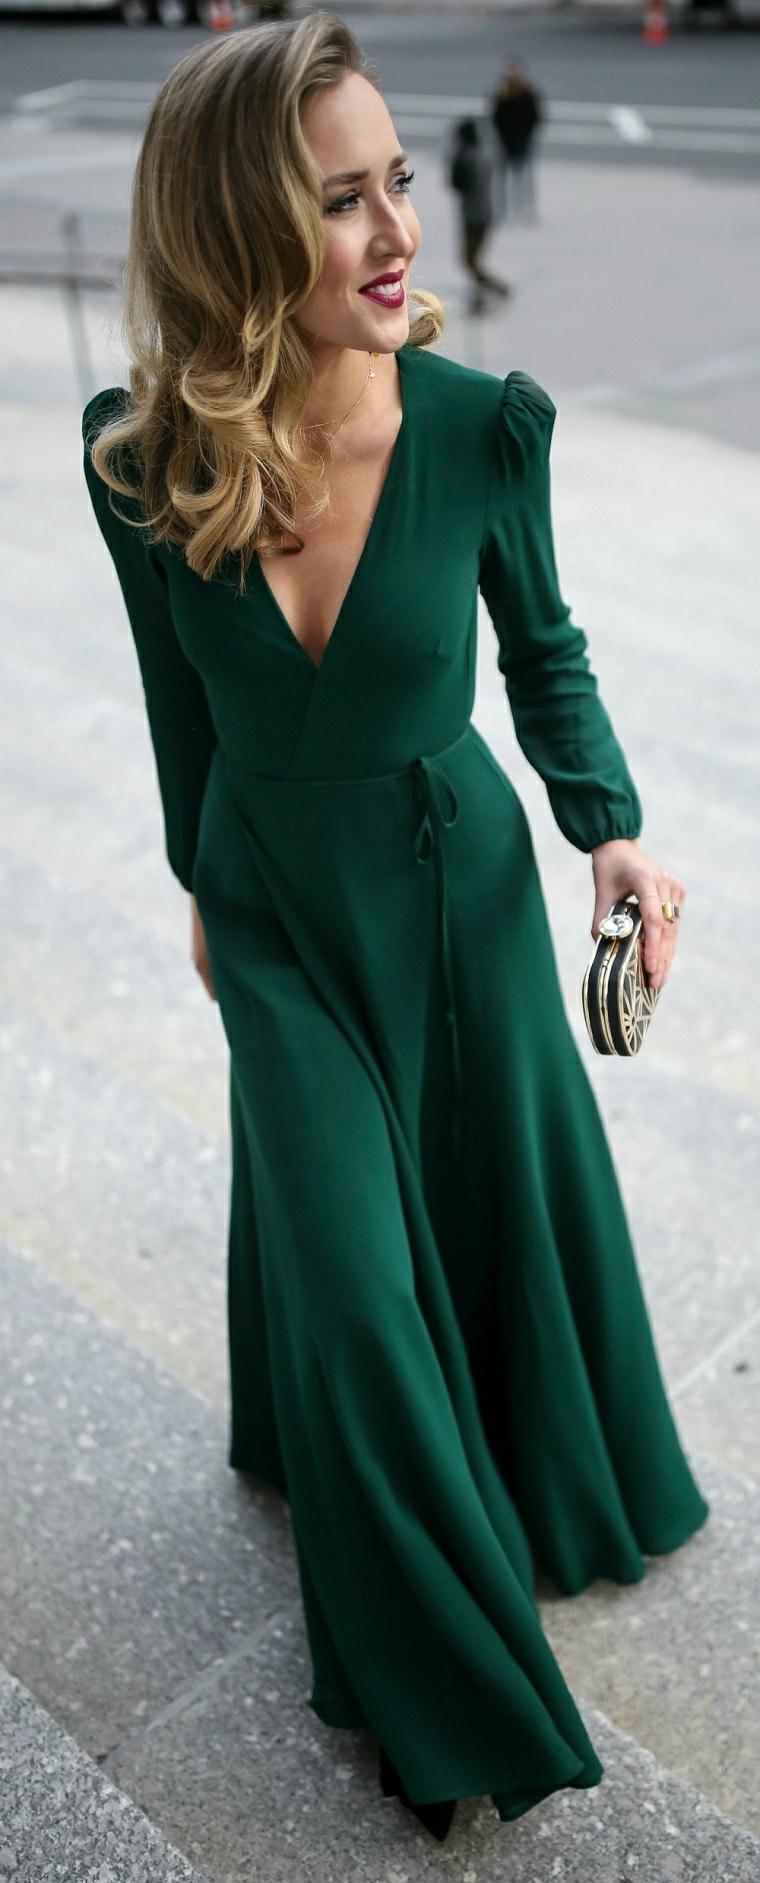 Abito elegante e lungo di colore verde, vestito con scollatura a V e spacco davanti